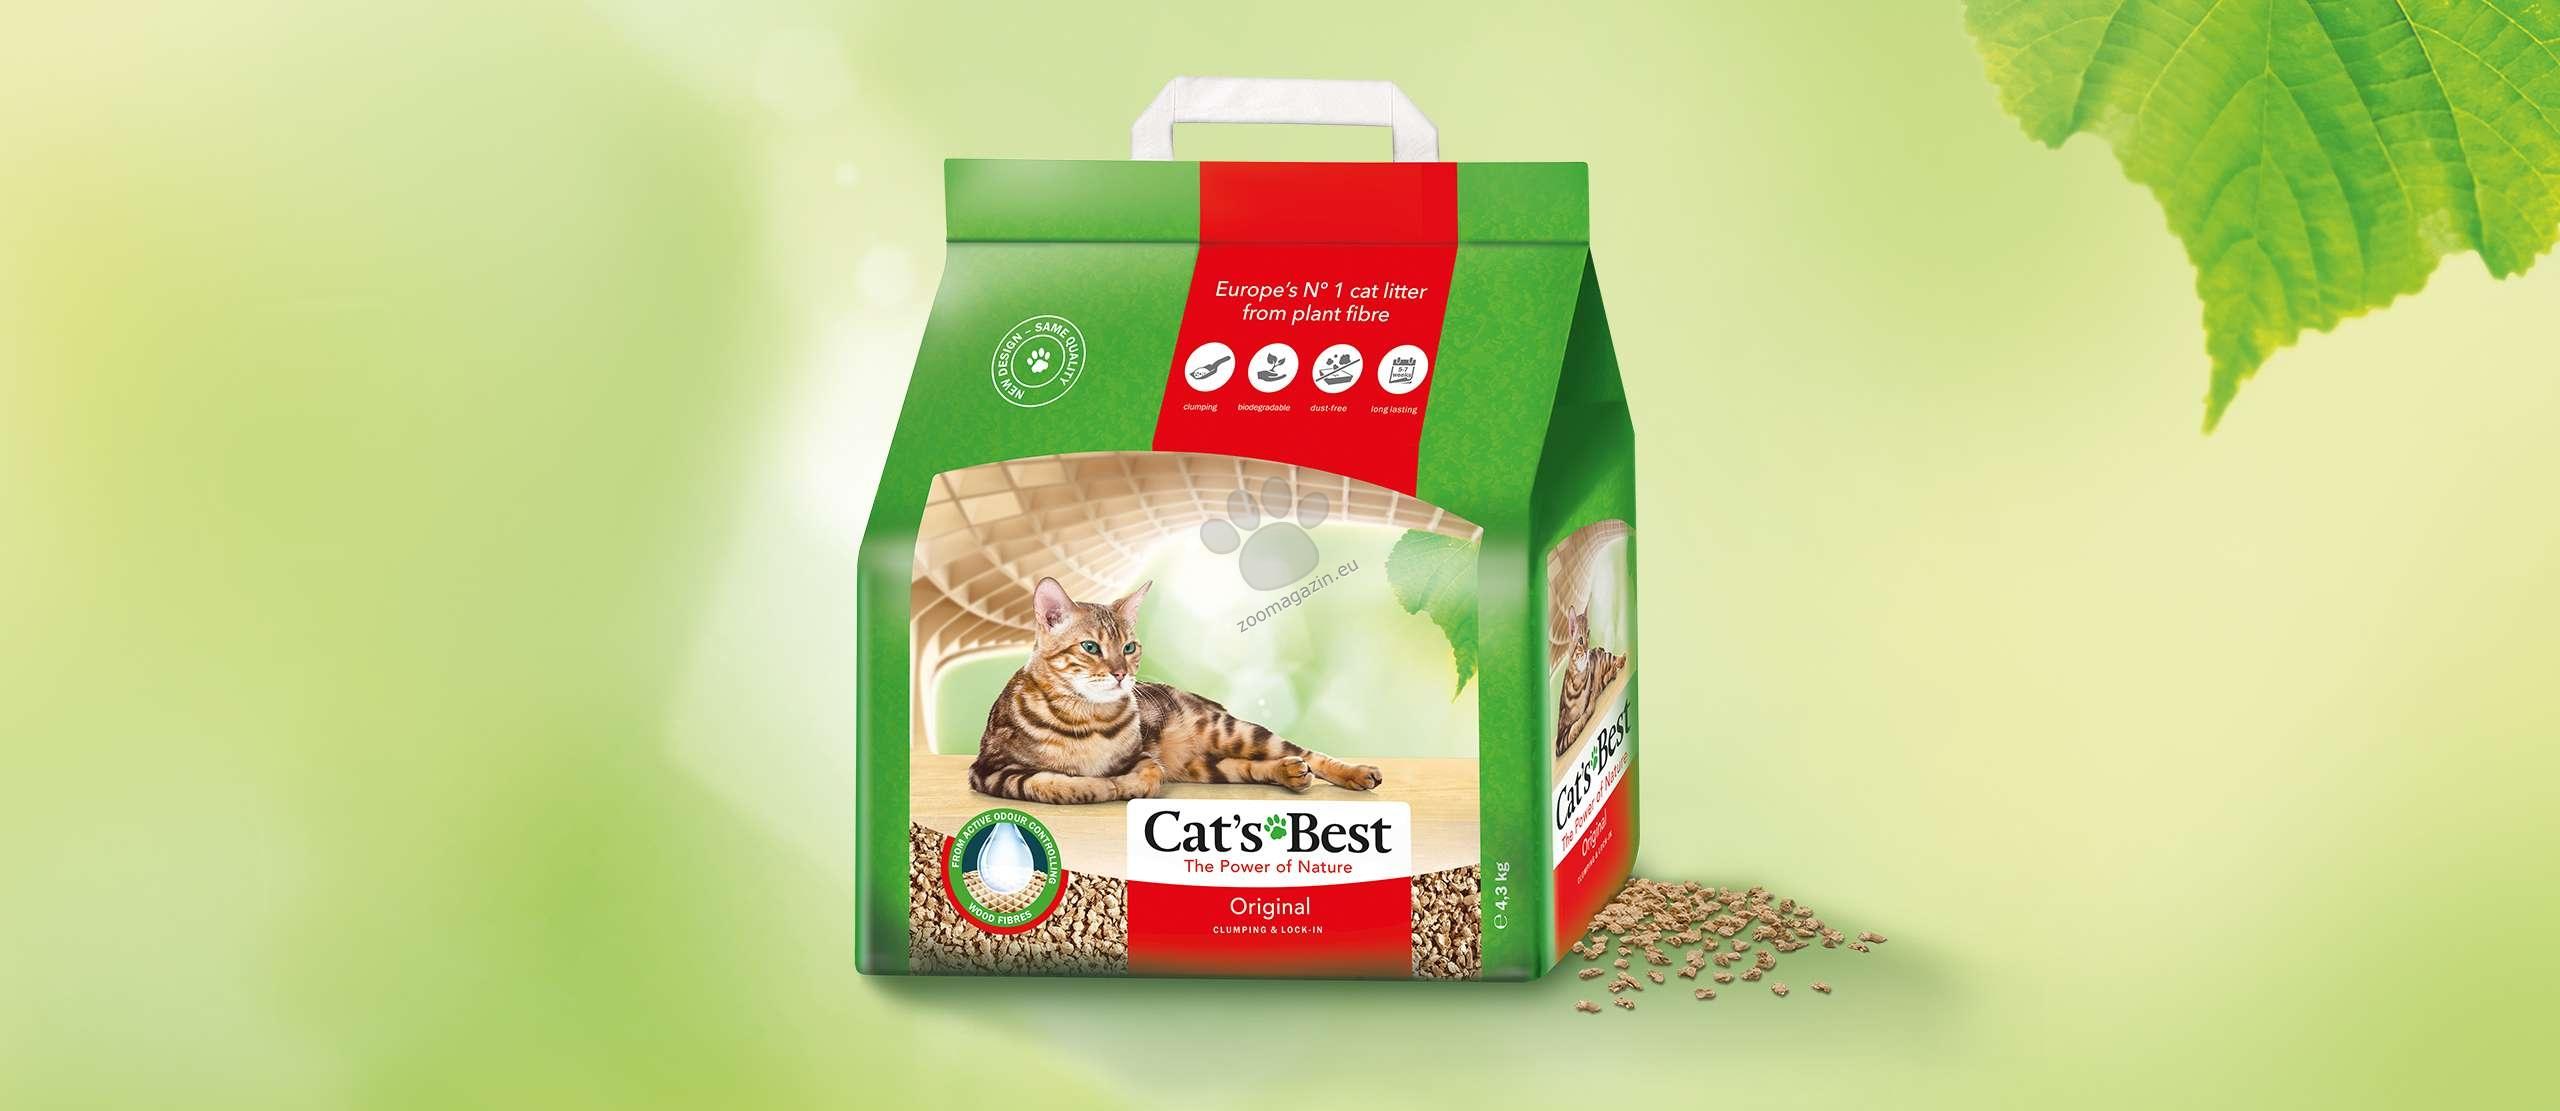 Cats Best Original - натурална котешка тоалетна, без изкуствени и химически агенти, 10 литра